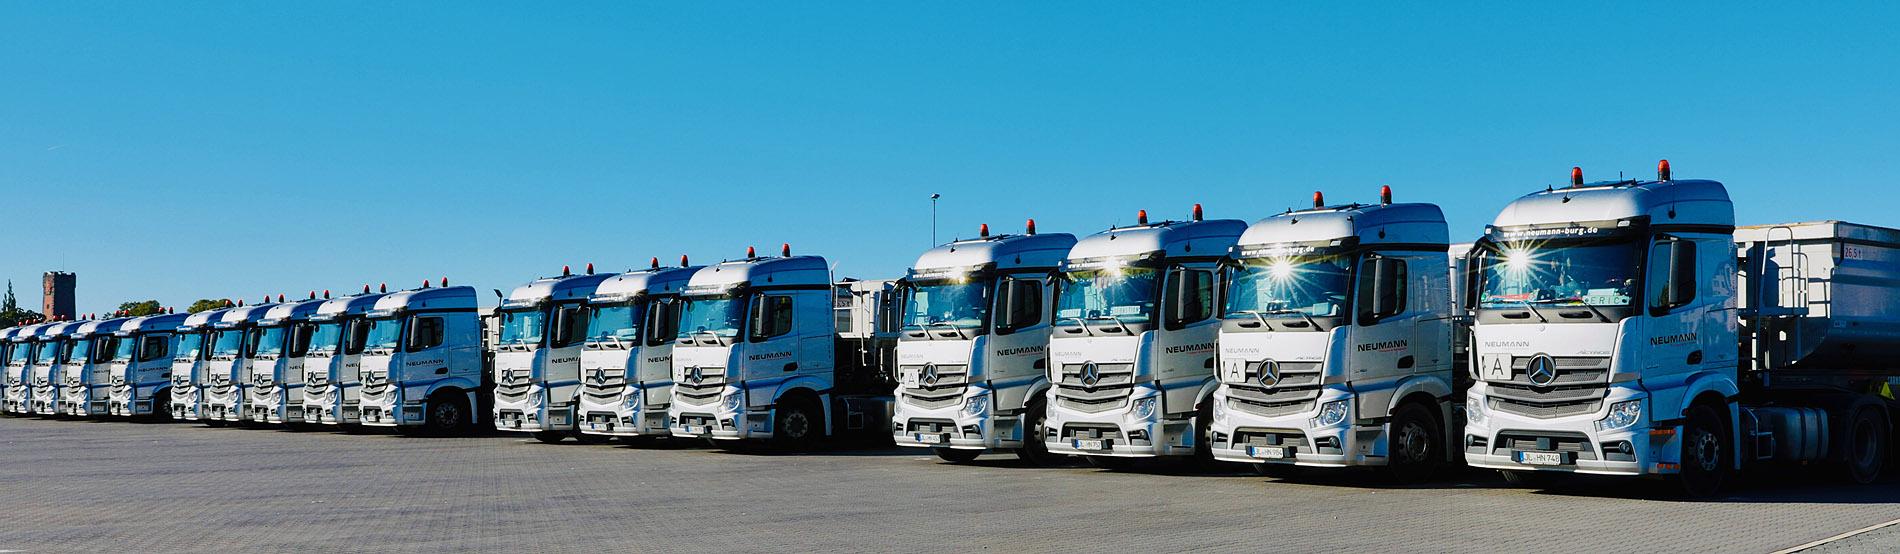 Abbildung Flotte der Neumann Transporte